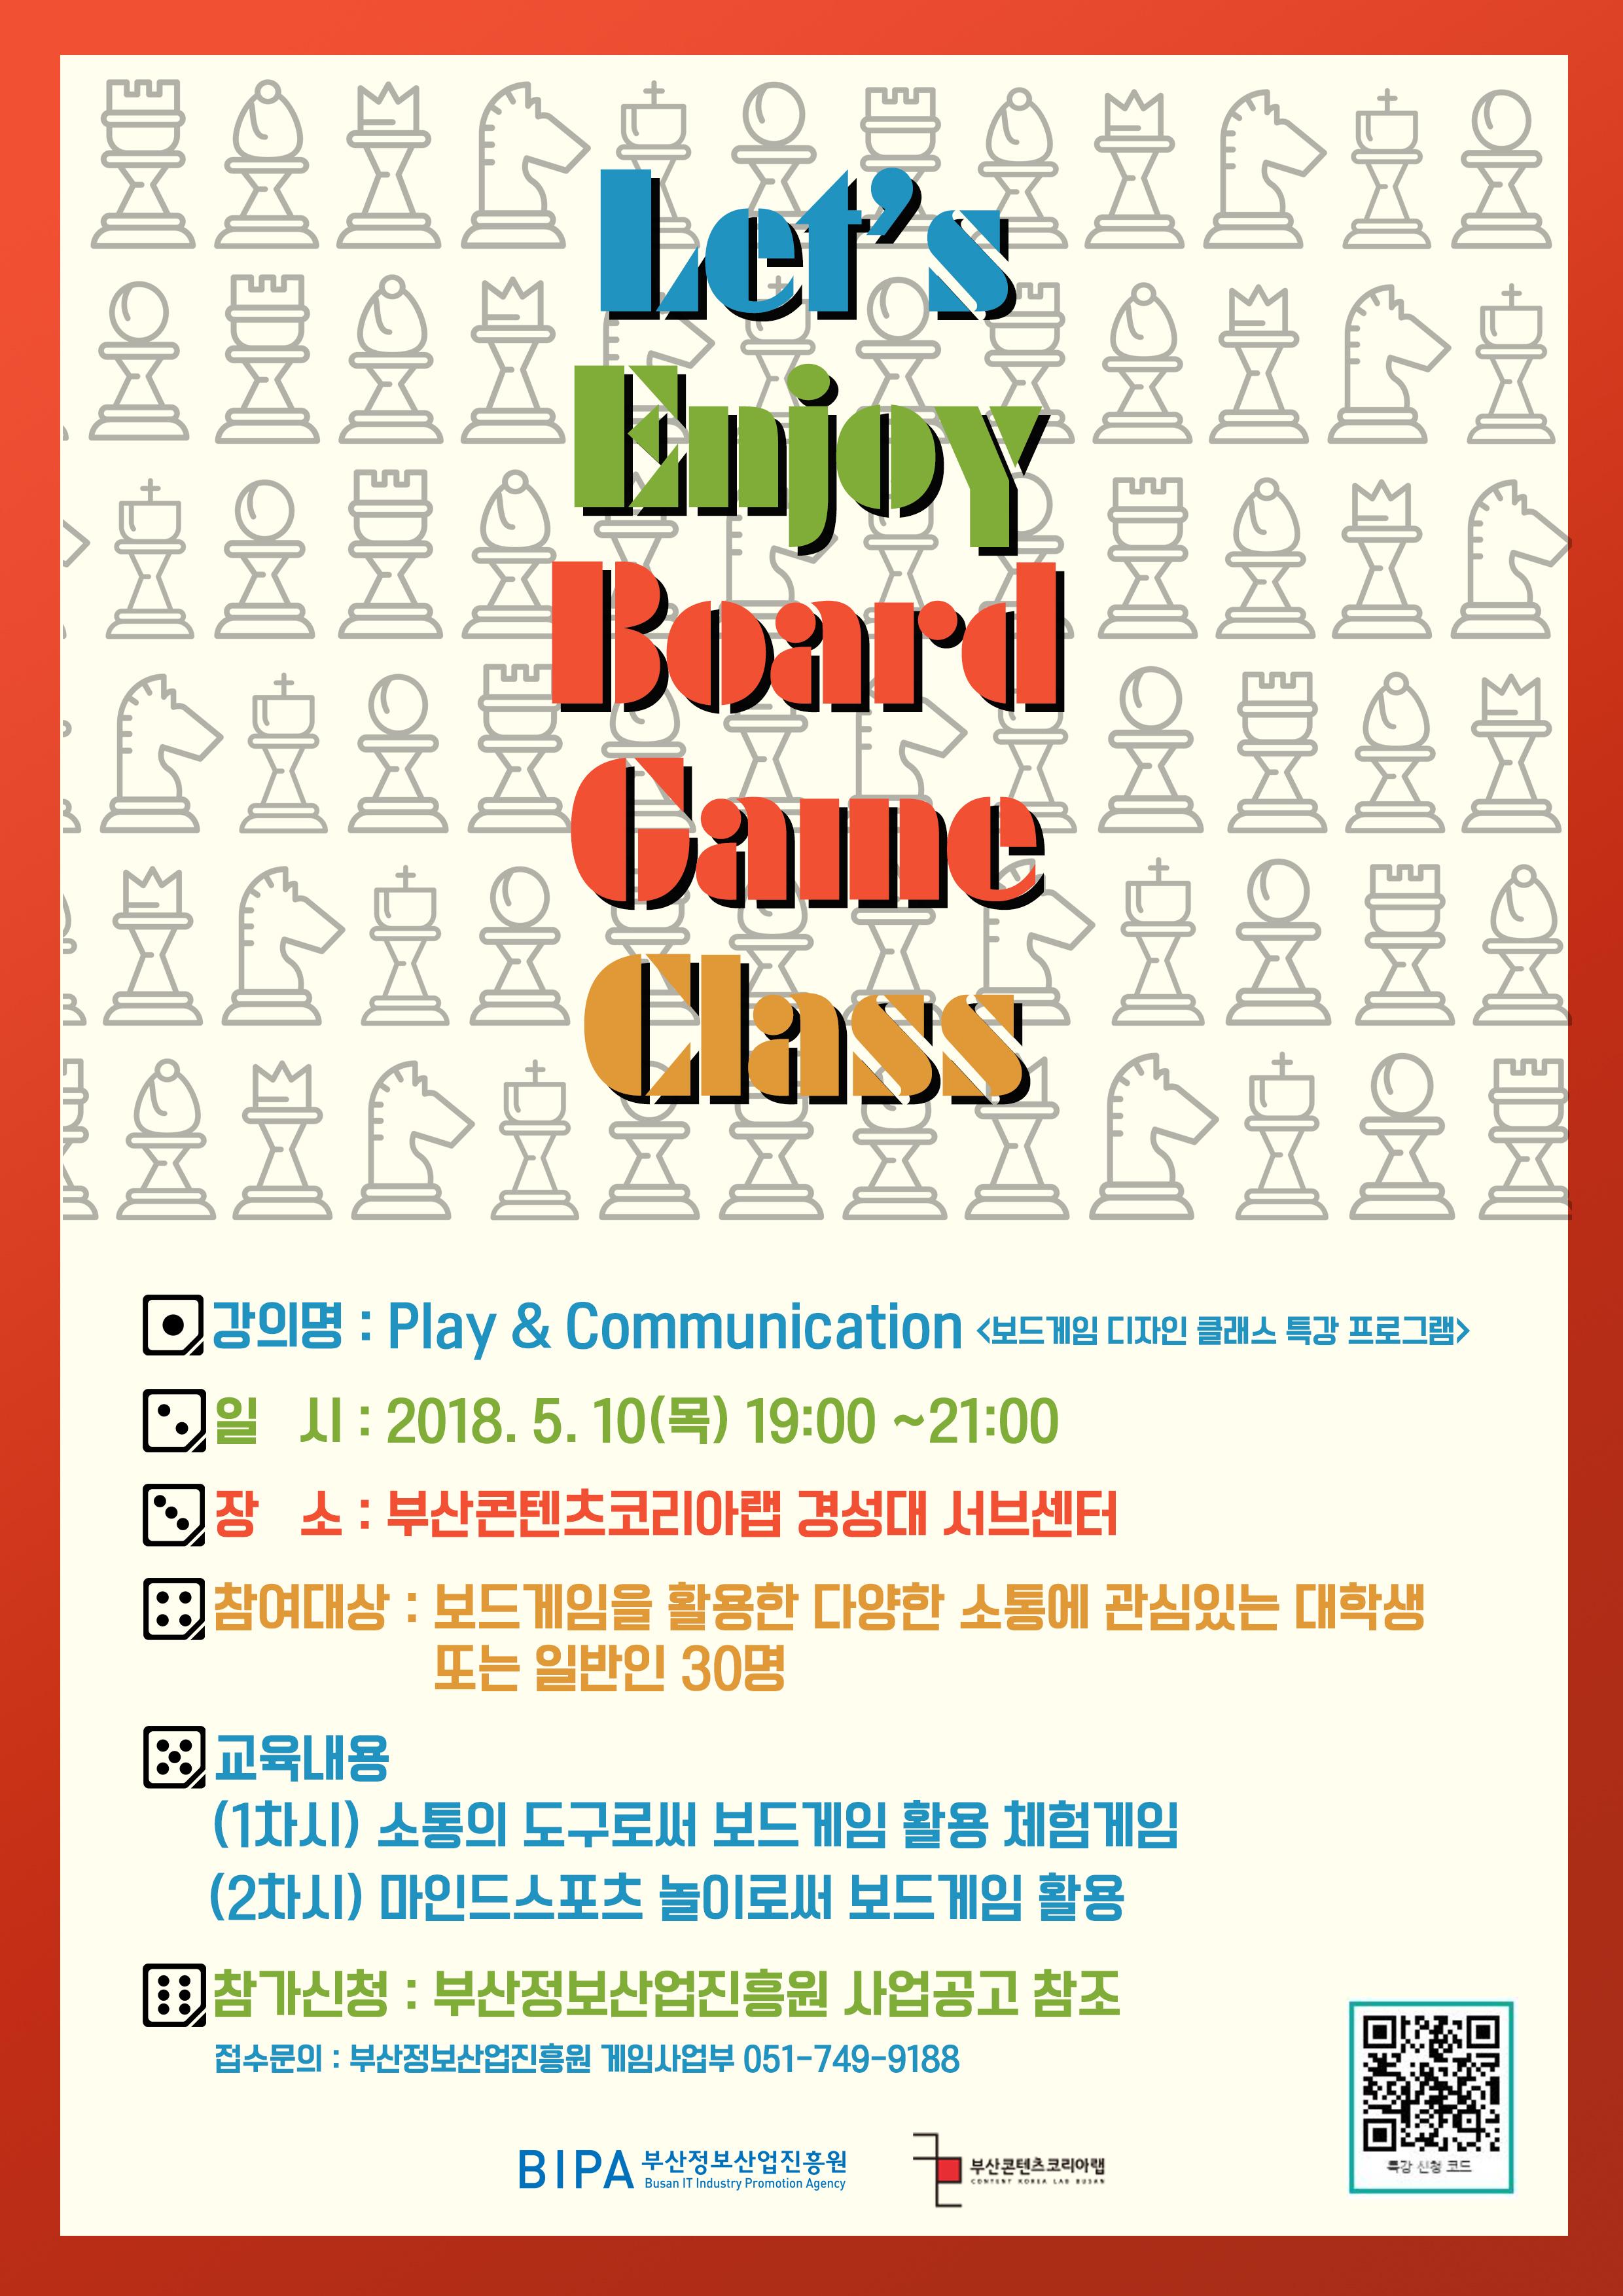 [부산콘텐츠코리아랩]Play&Communication 보드게임 디자인 클래스 특강 모집